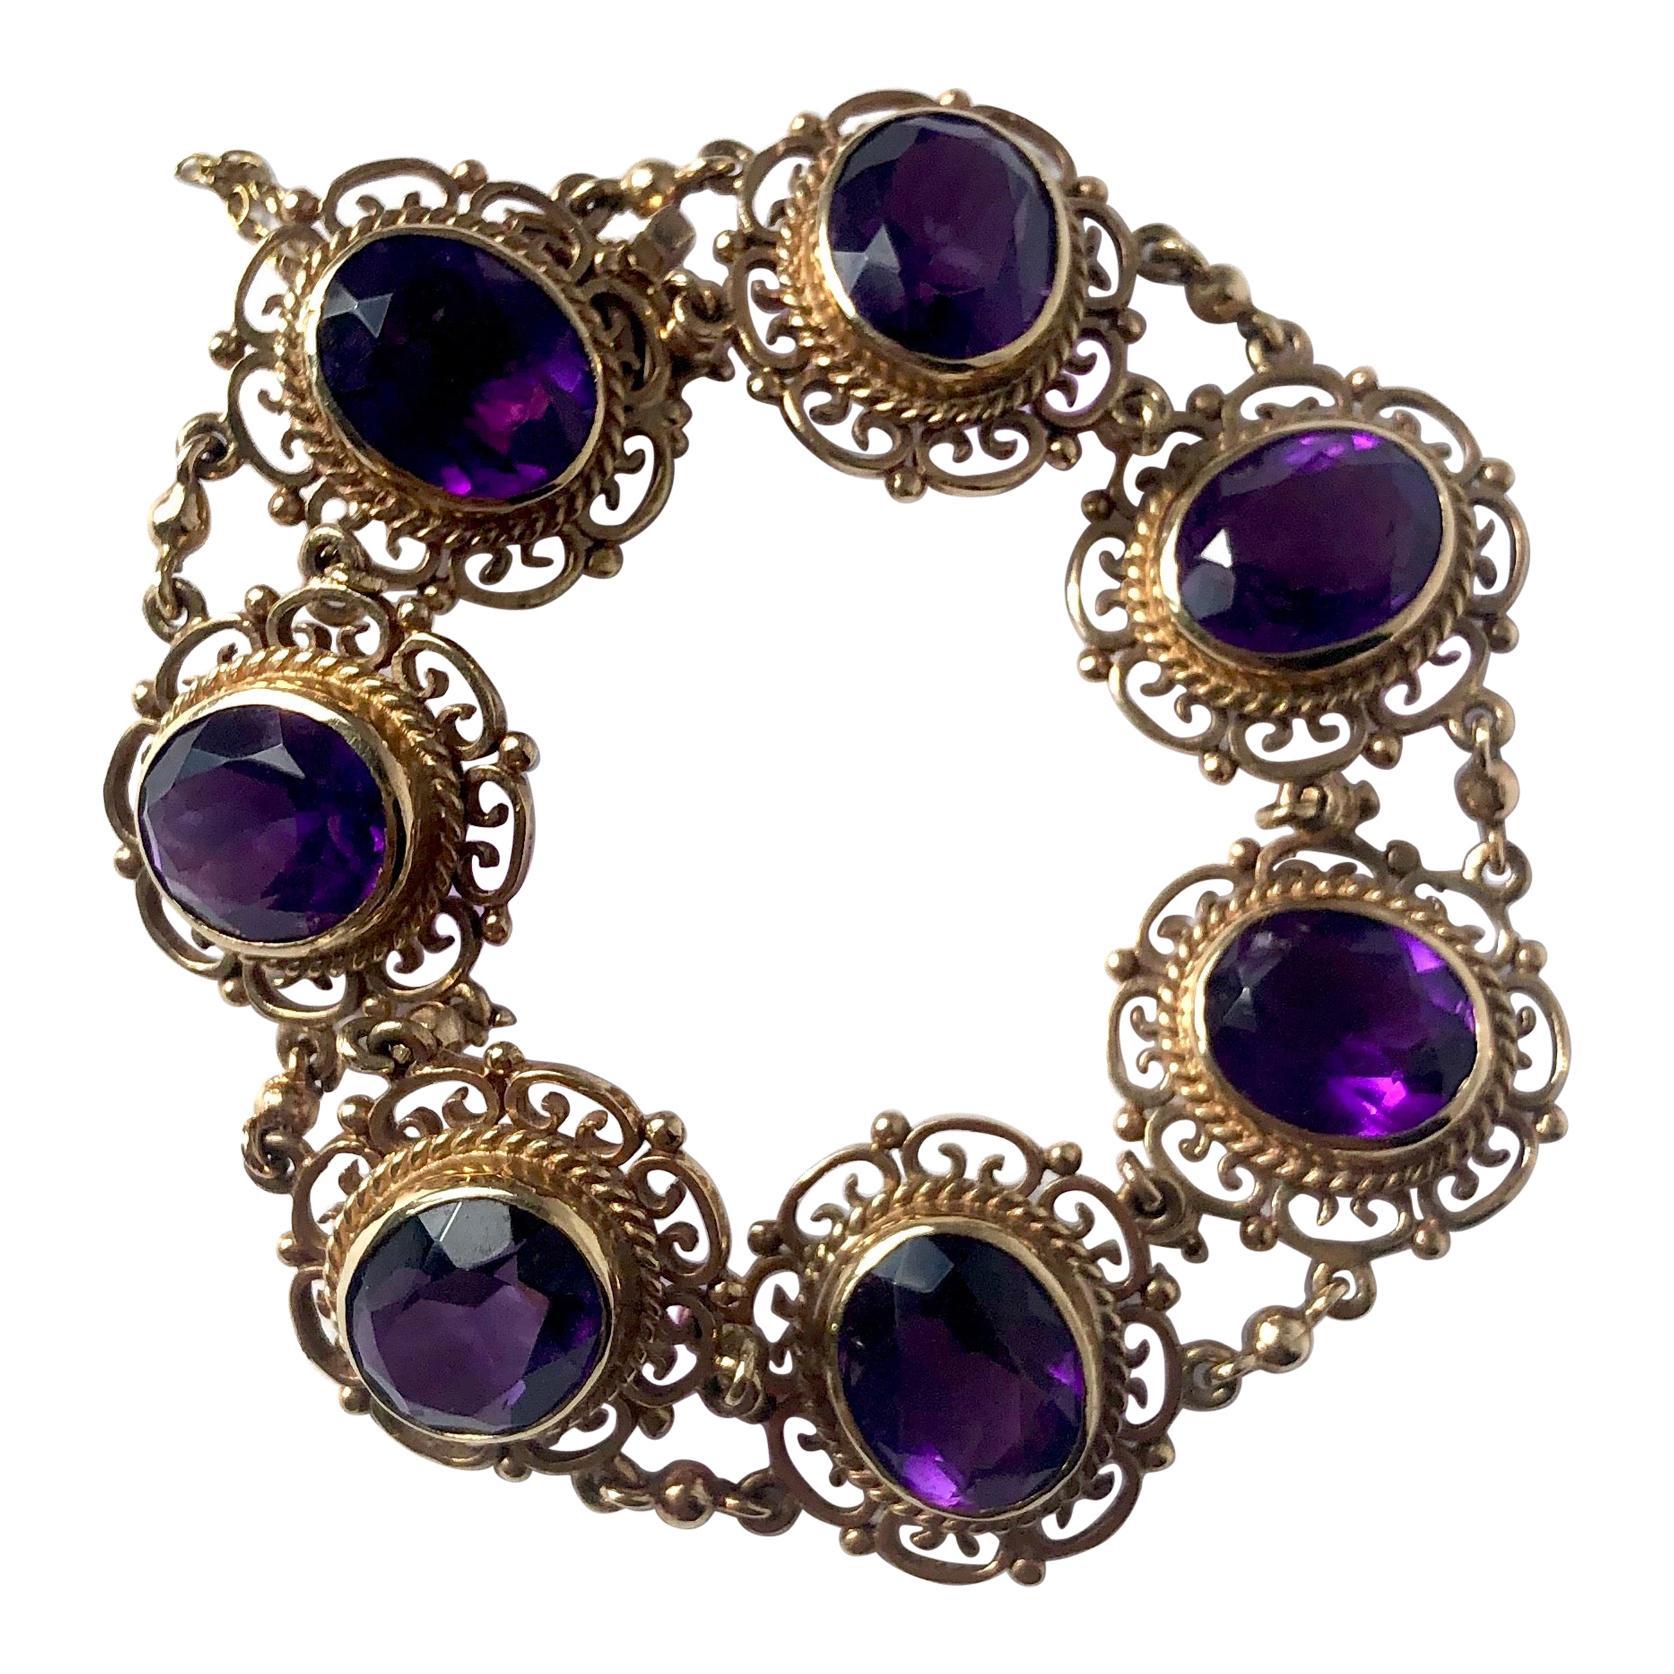 Vintage Amethyst and 9 Carat Gold Ornate Bracelet